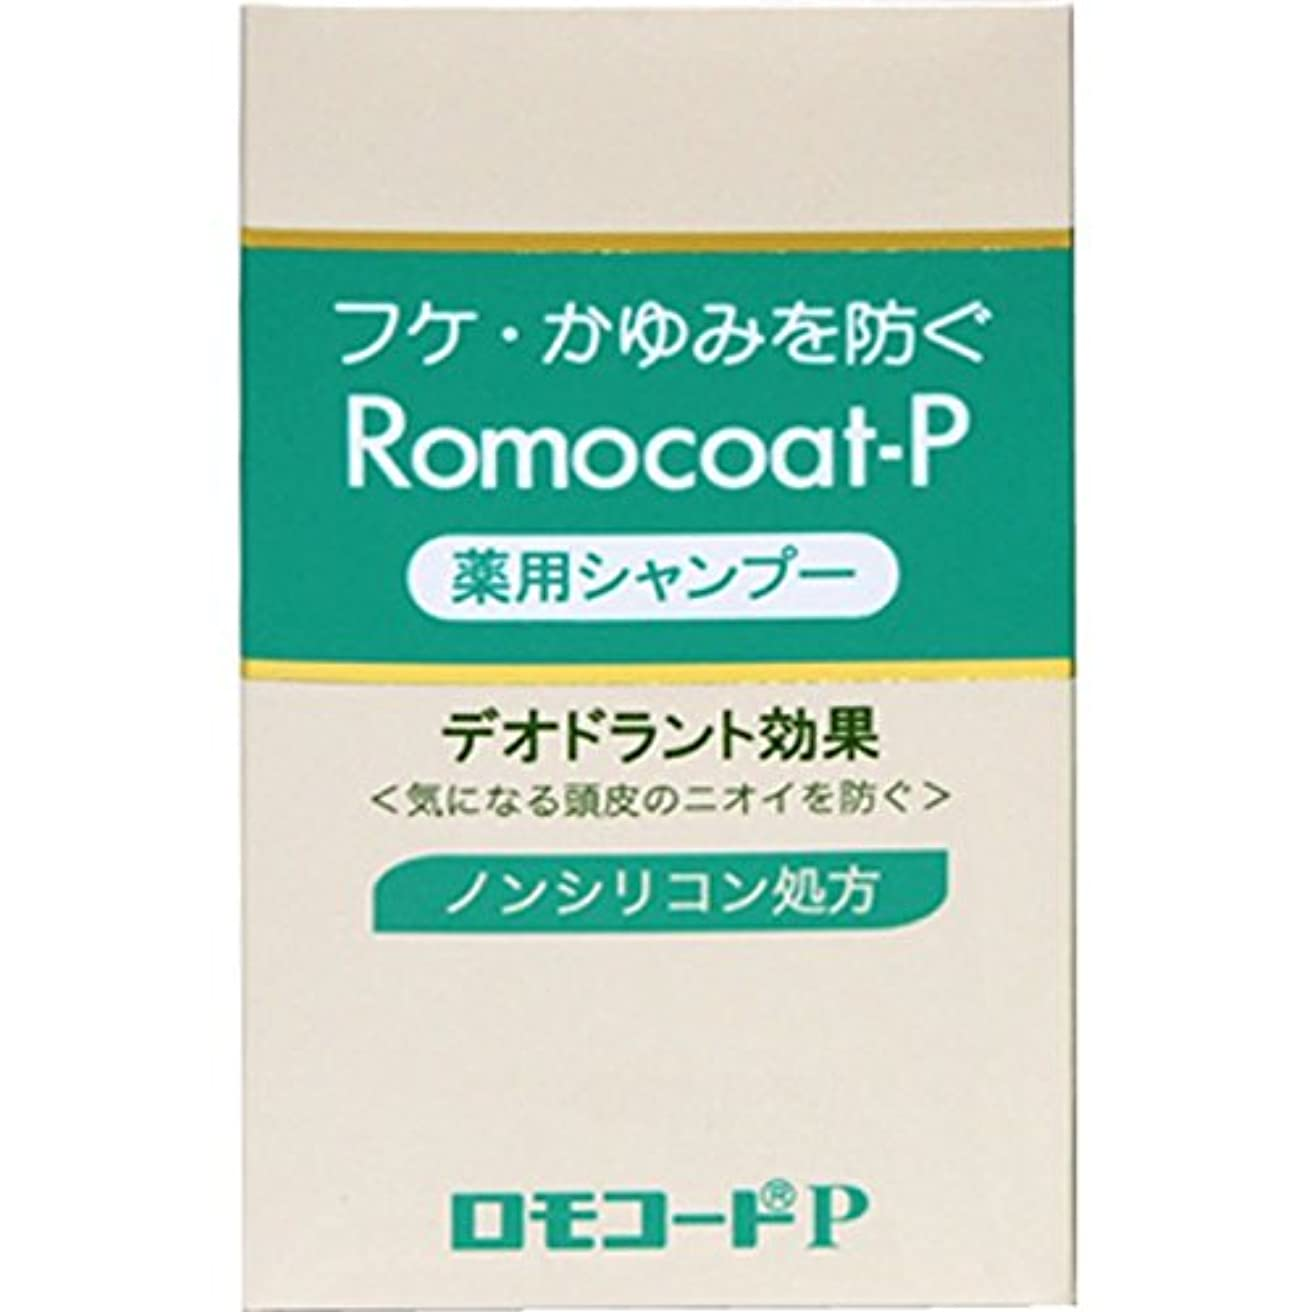 全薬工業 ロモコートP 180ml (医薬部外品)